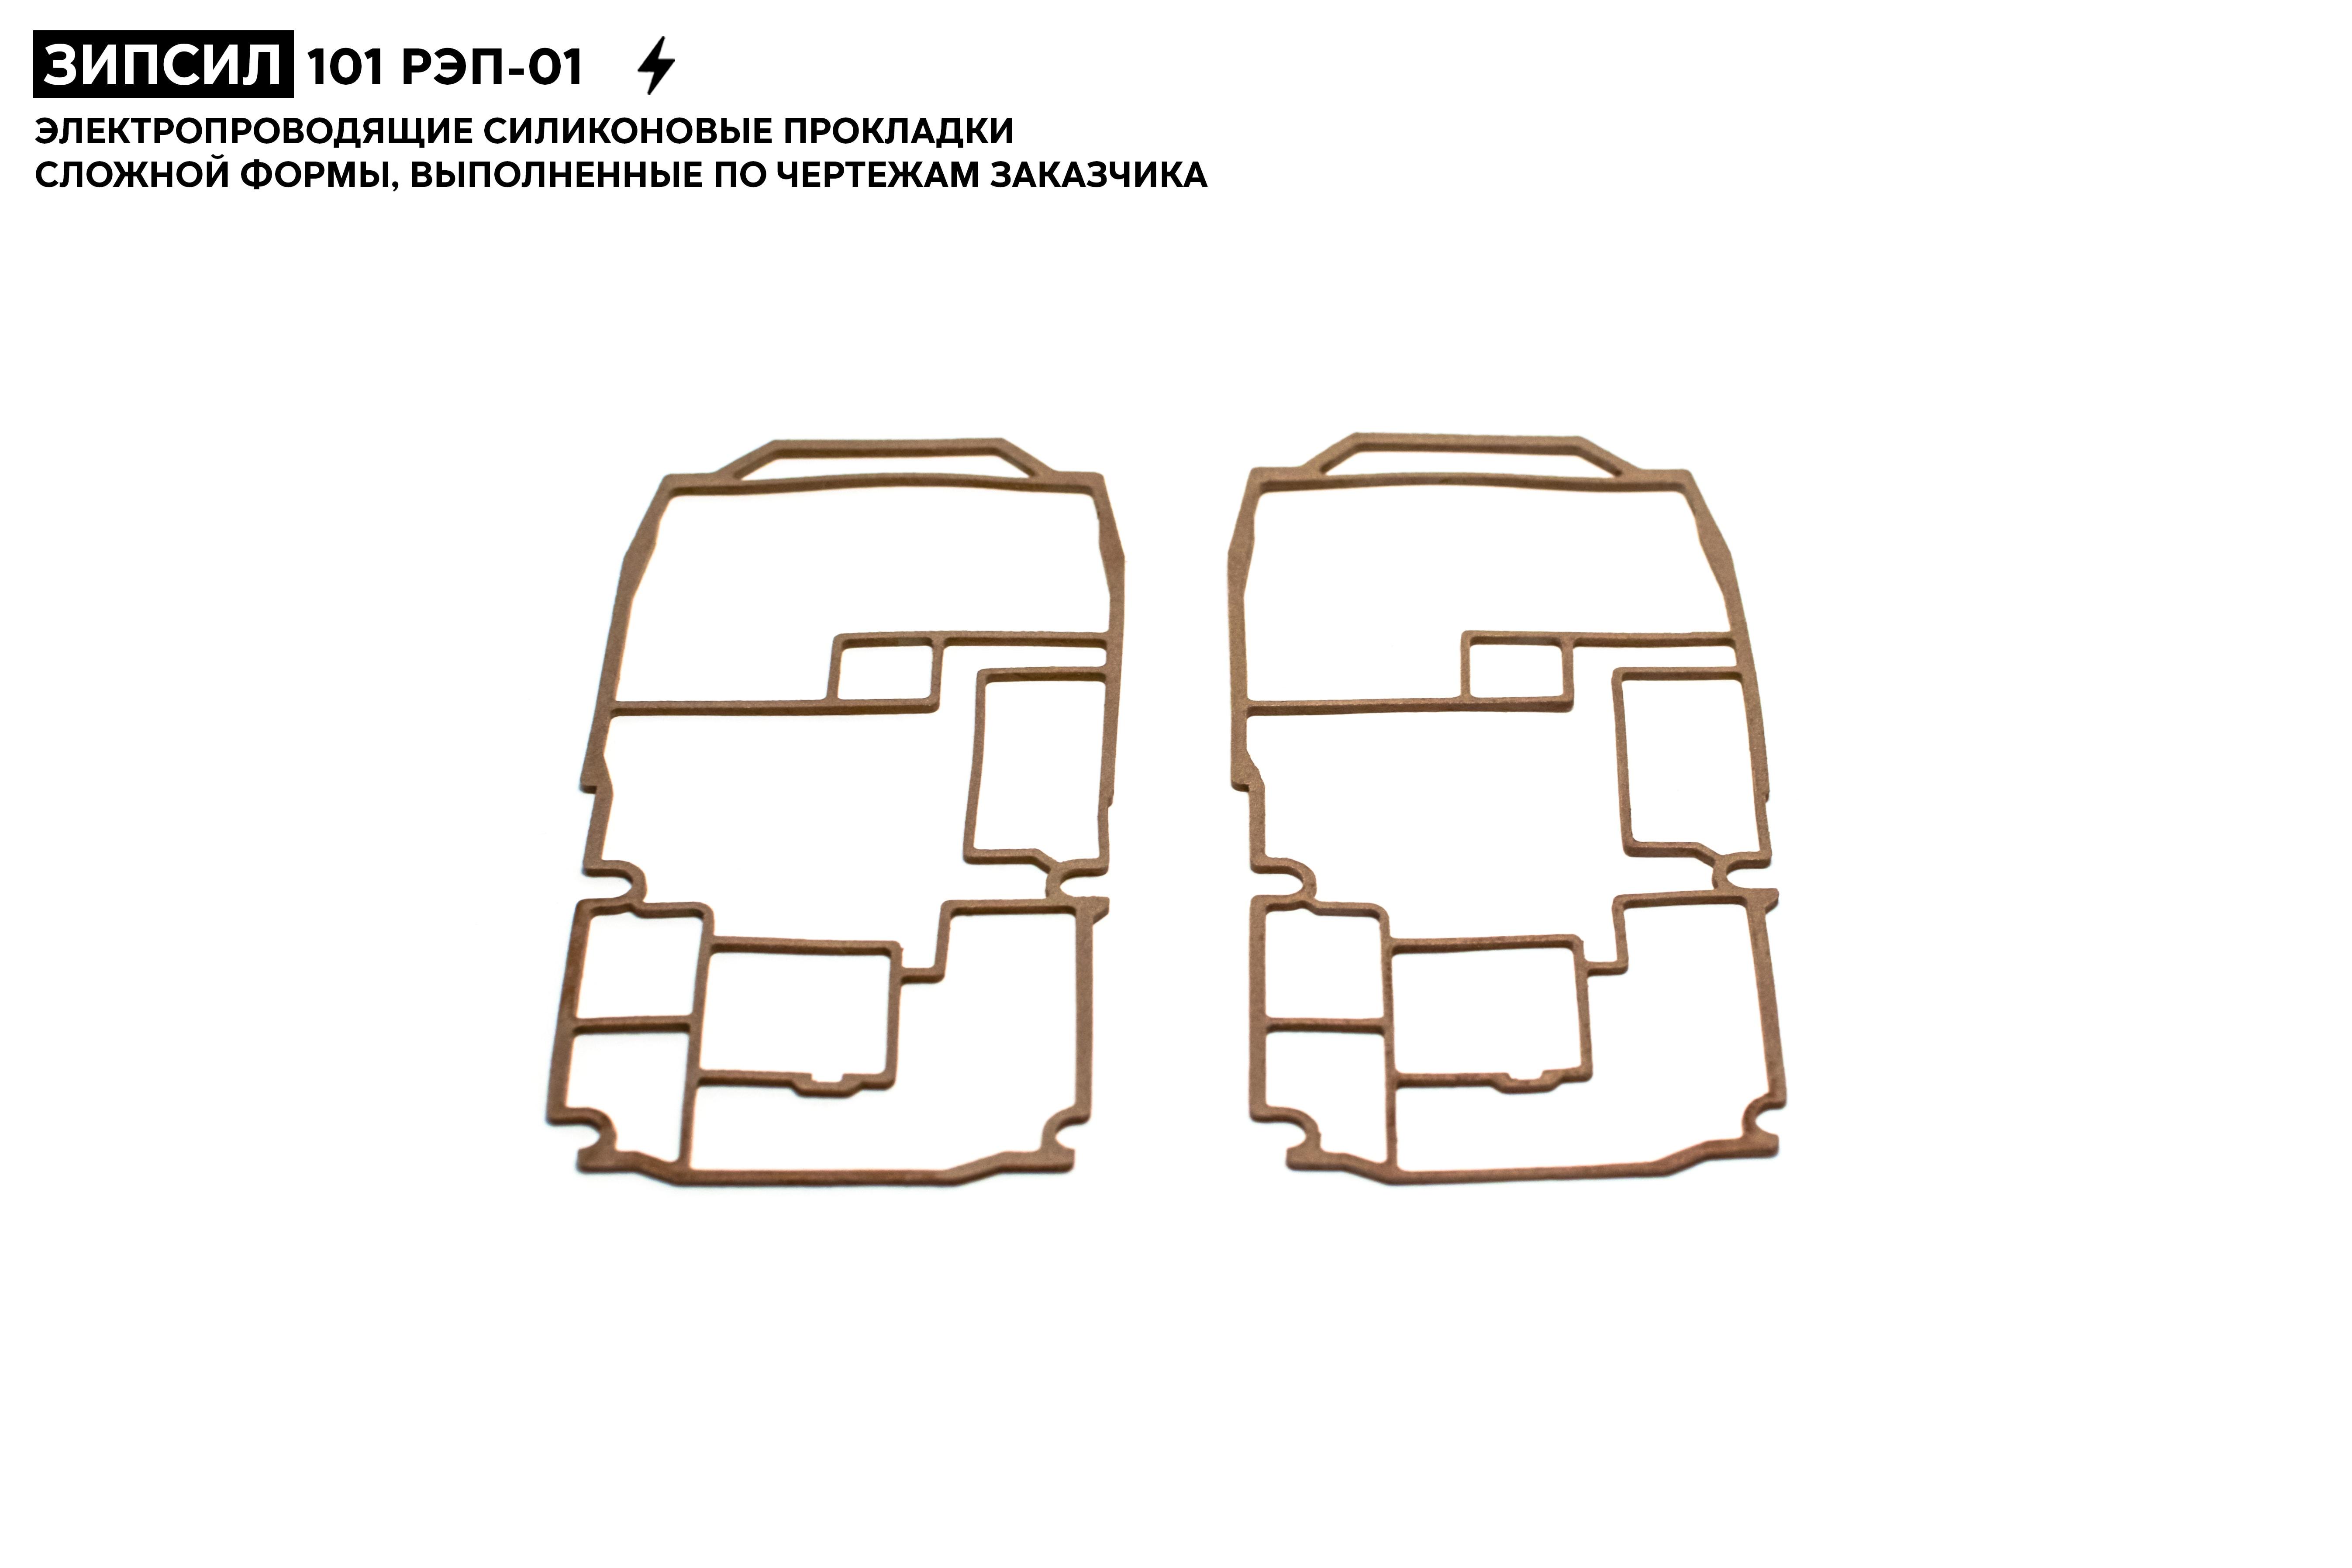 Силиконовые токопроводящие уплотнительные прокладки ЭМС сложной формы из материала ЗИПСИЛ 101 РЭП-01. Выполнены по чертежам заказчика.